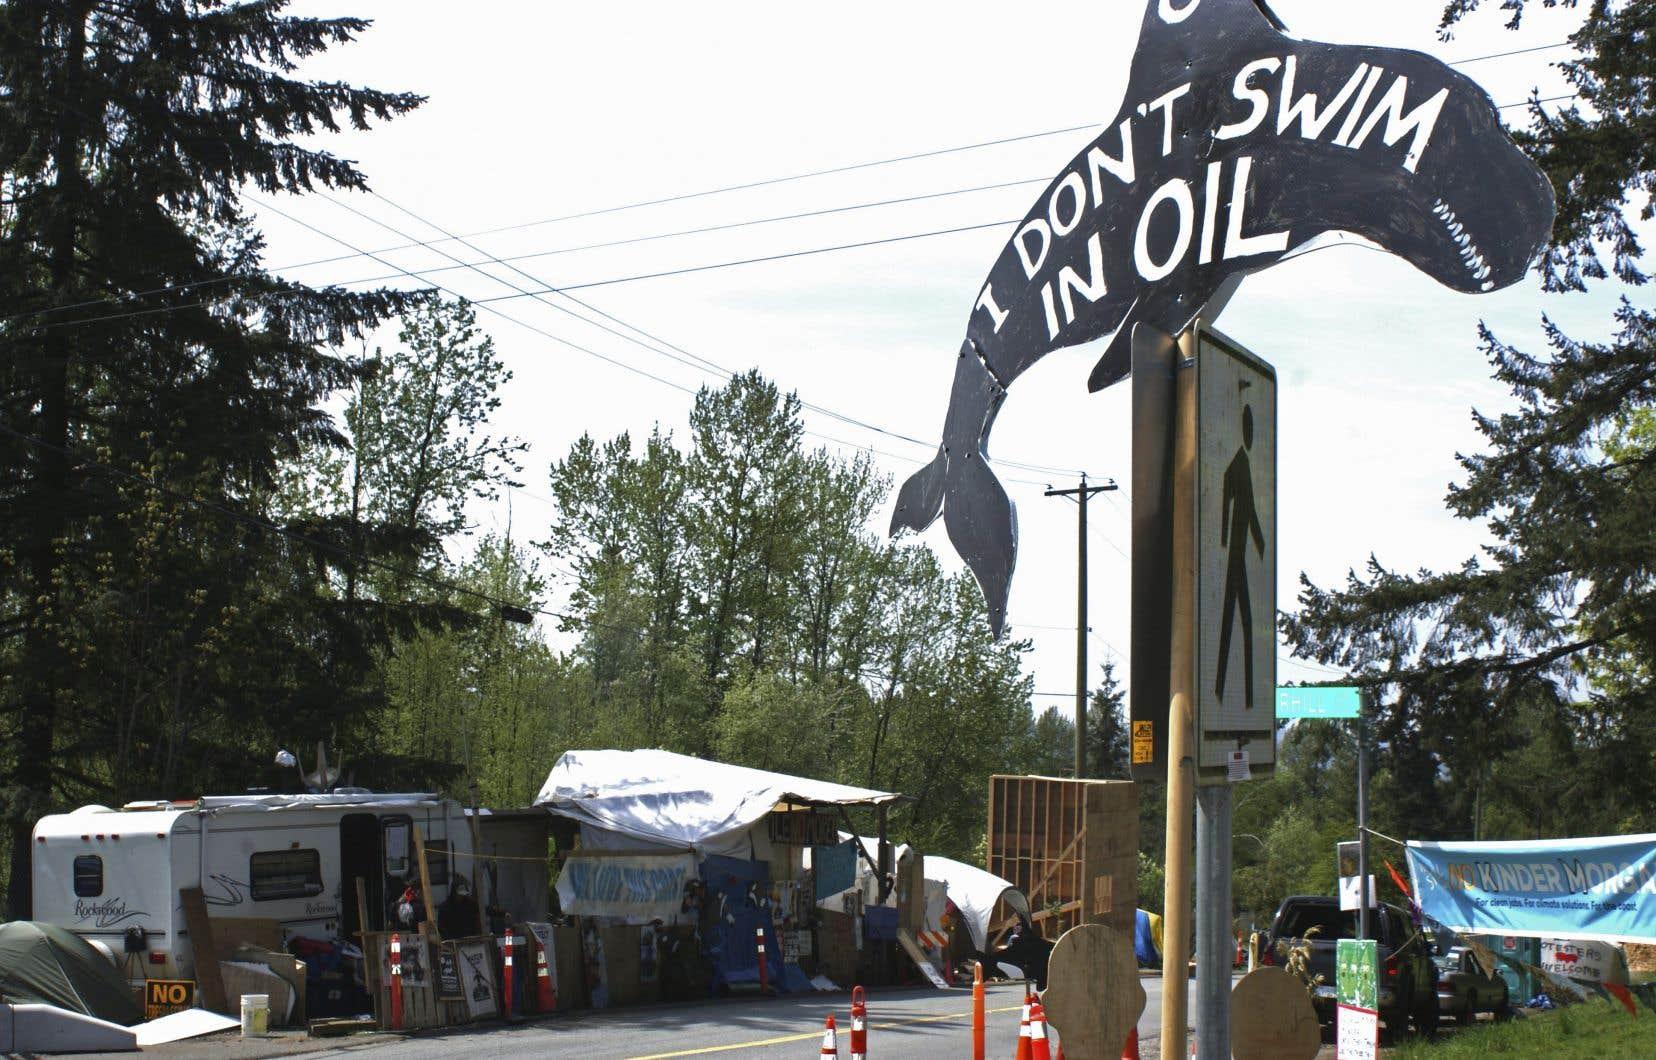 Les membres du regroupement déplorent la volonté du gouvernement de Justin Trudeau de soutenir financièrement la pétrolière texane Kinder Morgan.